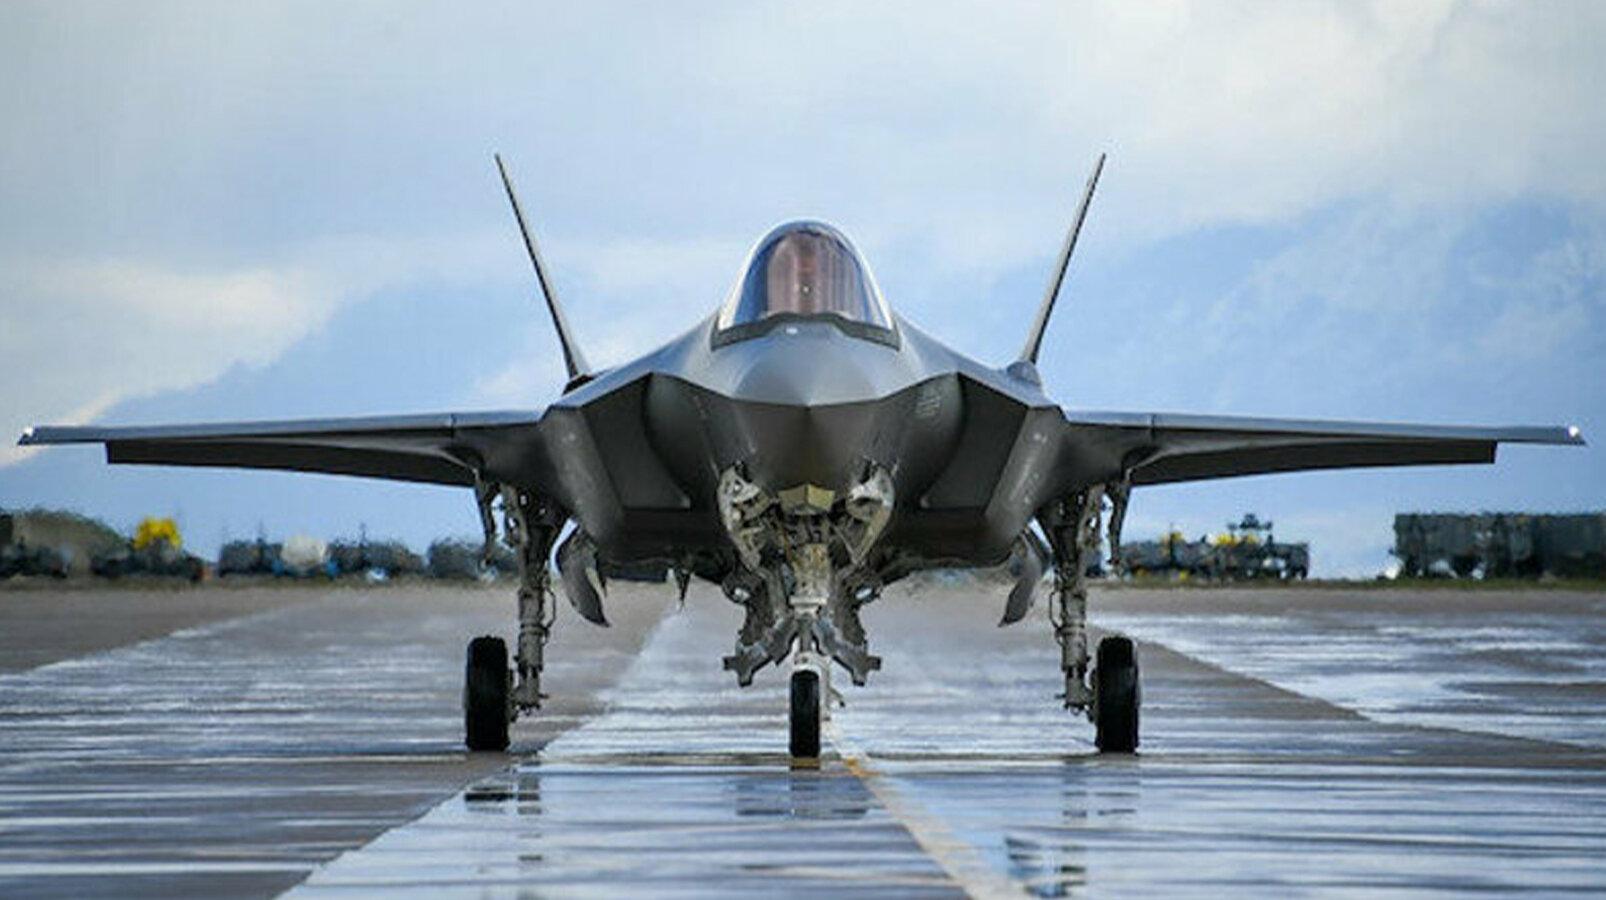 Türk Hava Kuvvetleri için üretilen 8 adet F-35A savaş uçağı, sözleşme ile Amerikan  Hava Kuvvetleri'ne devredildi